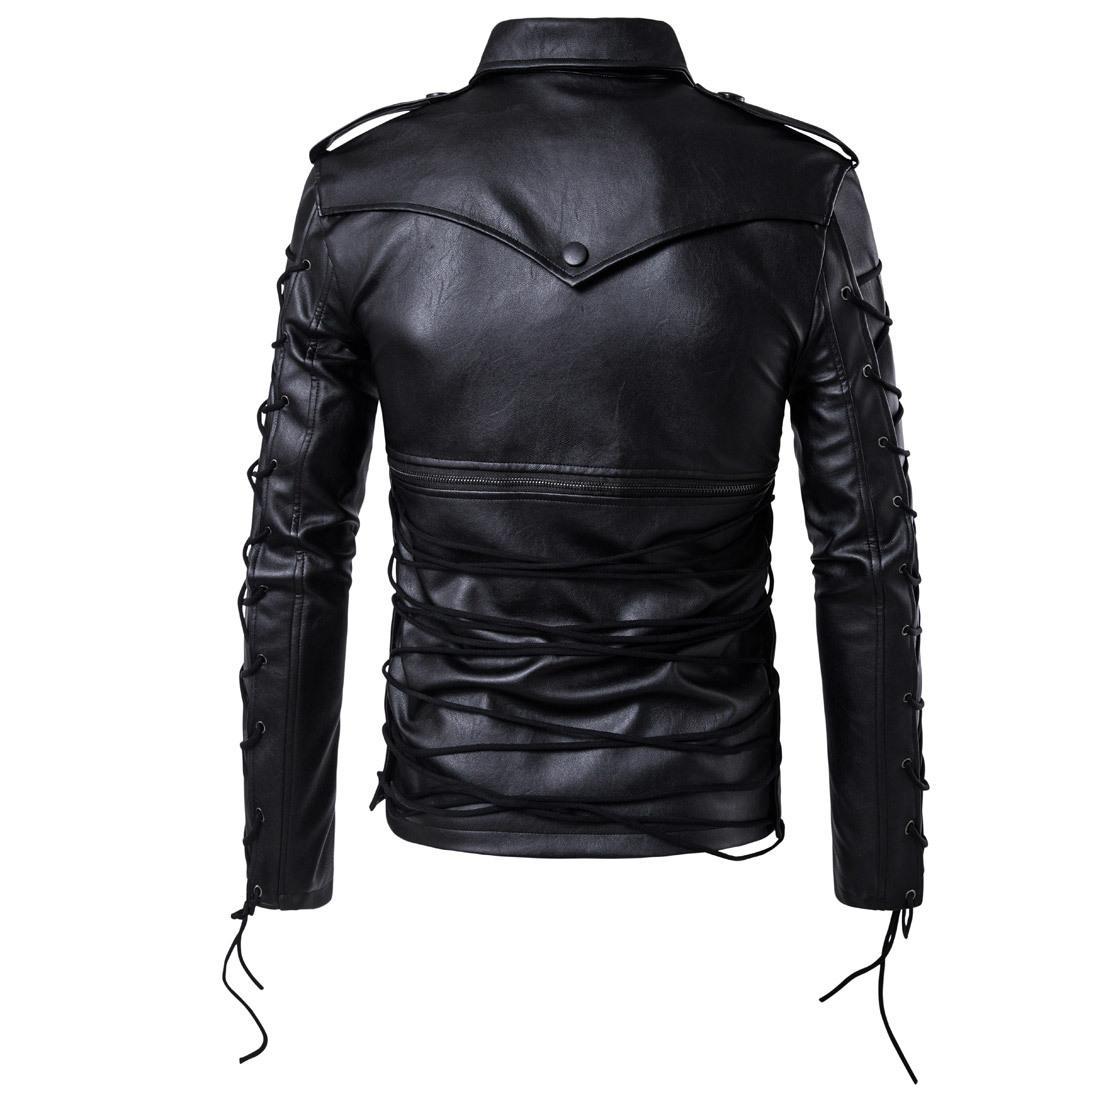 Ouma 2018 New Style Mode Hommes Locomotive Manteau en cuir Manteau Décadent Veste en cuir grande taille manteau de cuir M-5XL B002